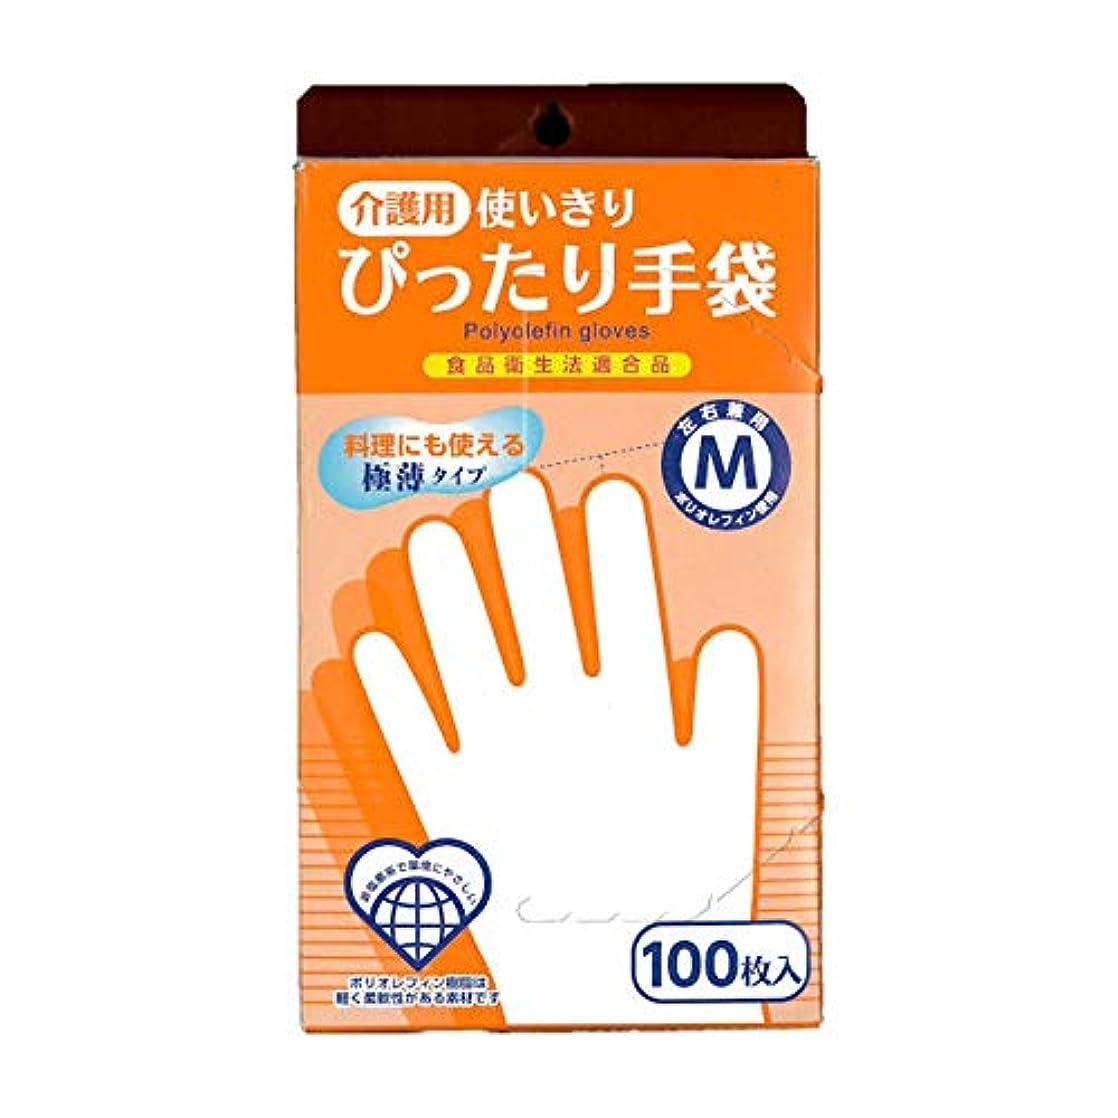 遷移と組む性能奥田薬品 介護用 使いきりぴったり手袋 Mサイズ 100枚